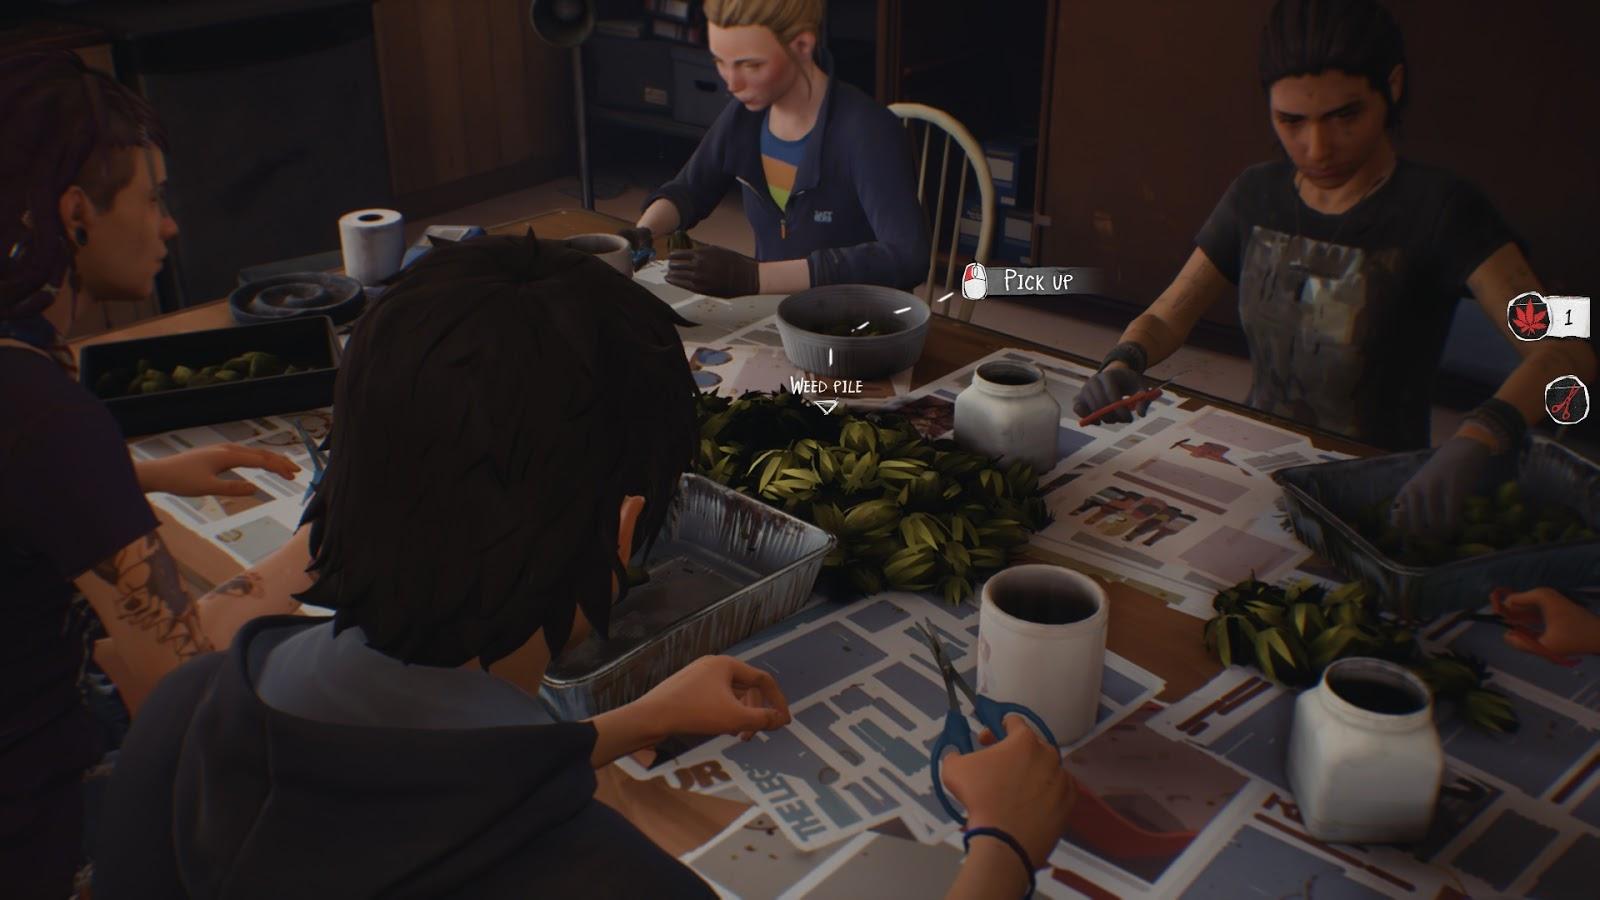 Sean, Cassidy és még két csaj marihuána rügyeket tisztítanak. Vagy valami ilyesmi - nem vagyok otthon a pontos terminológiában.